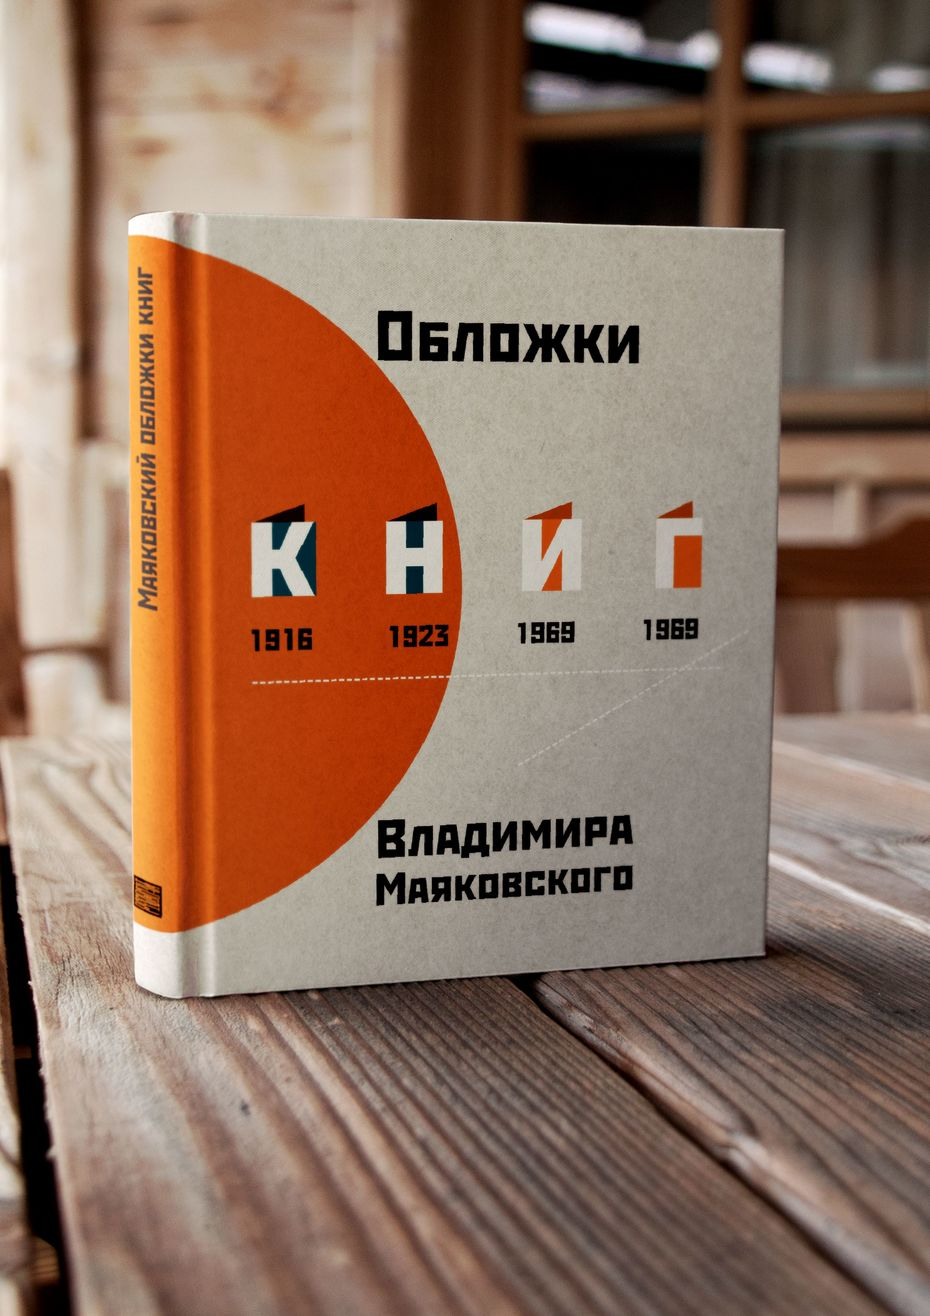 Обложки книг В.В. Маяковского